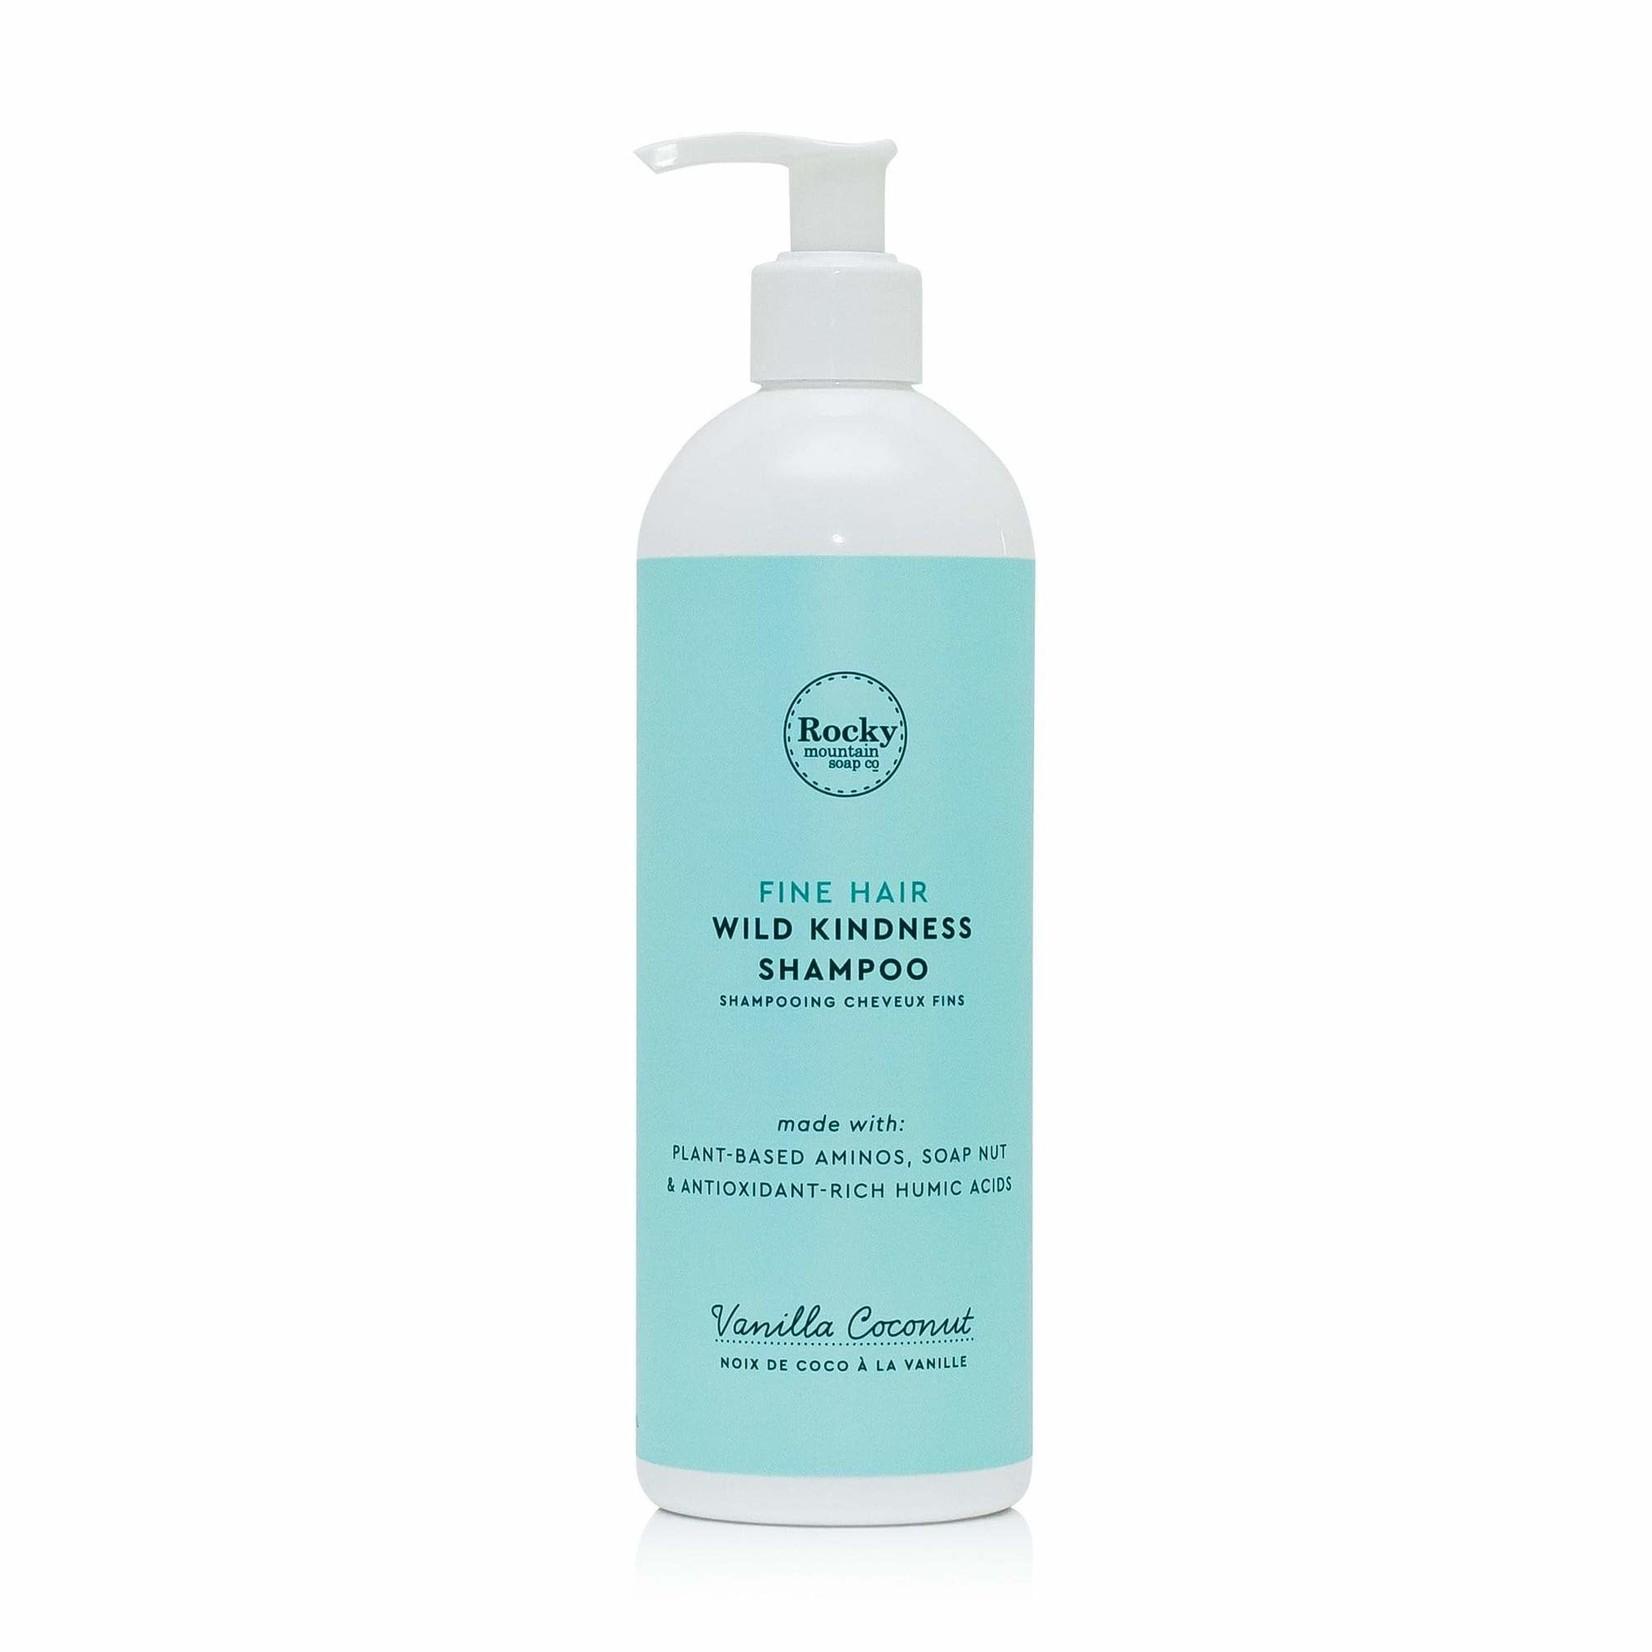 ROCKY MOUNTAIN SOAP CO. FINE HAIR WILD KINDNESS SHAMPOO - VANILLA COCONUT